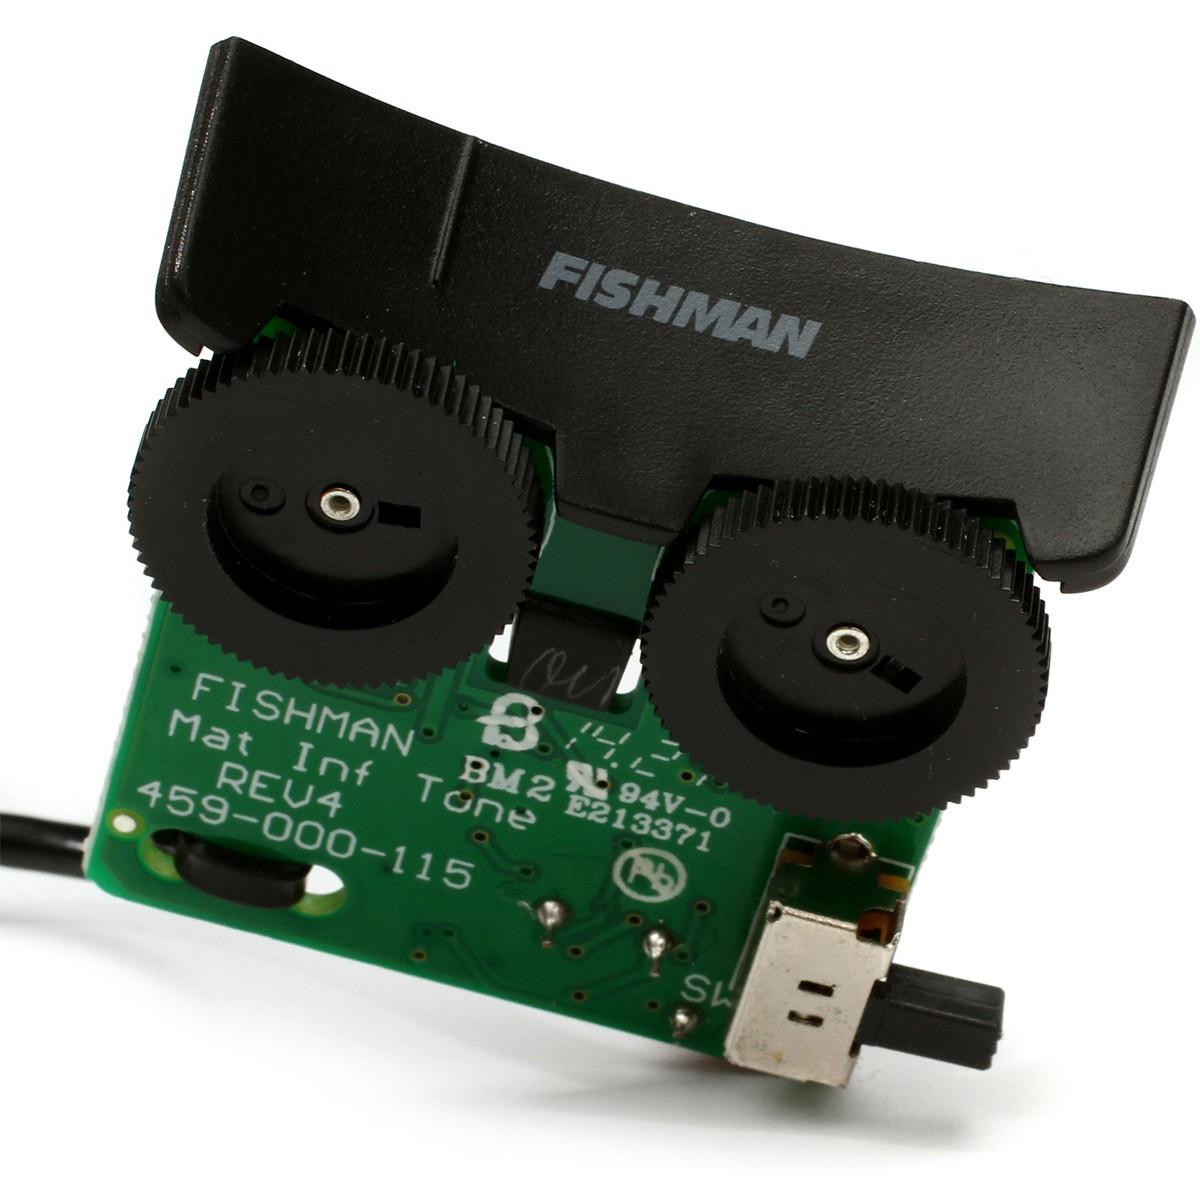 Fishman Pro Matrix Infinity Narrow/Split Format Captador